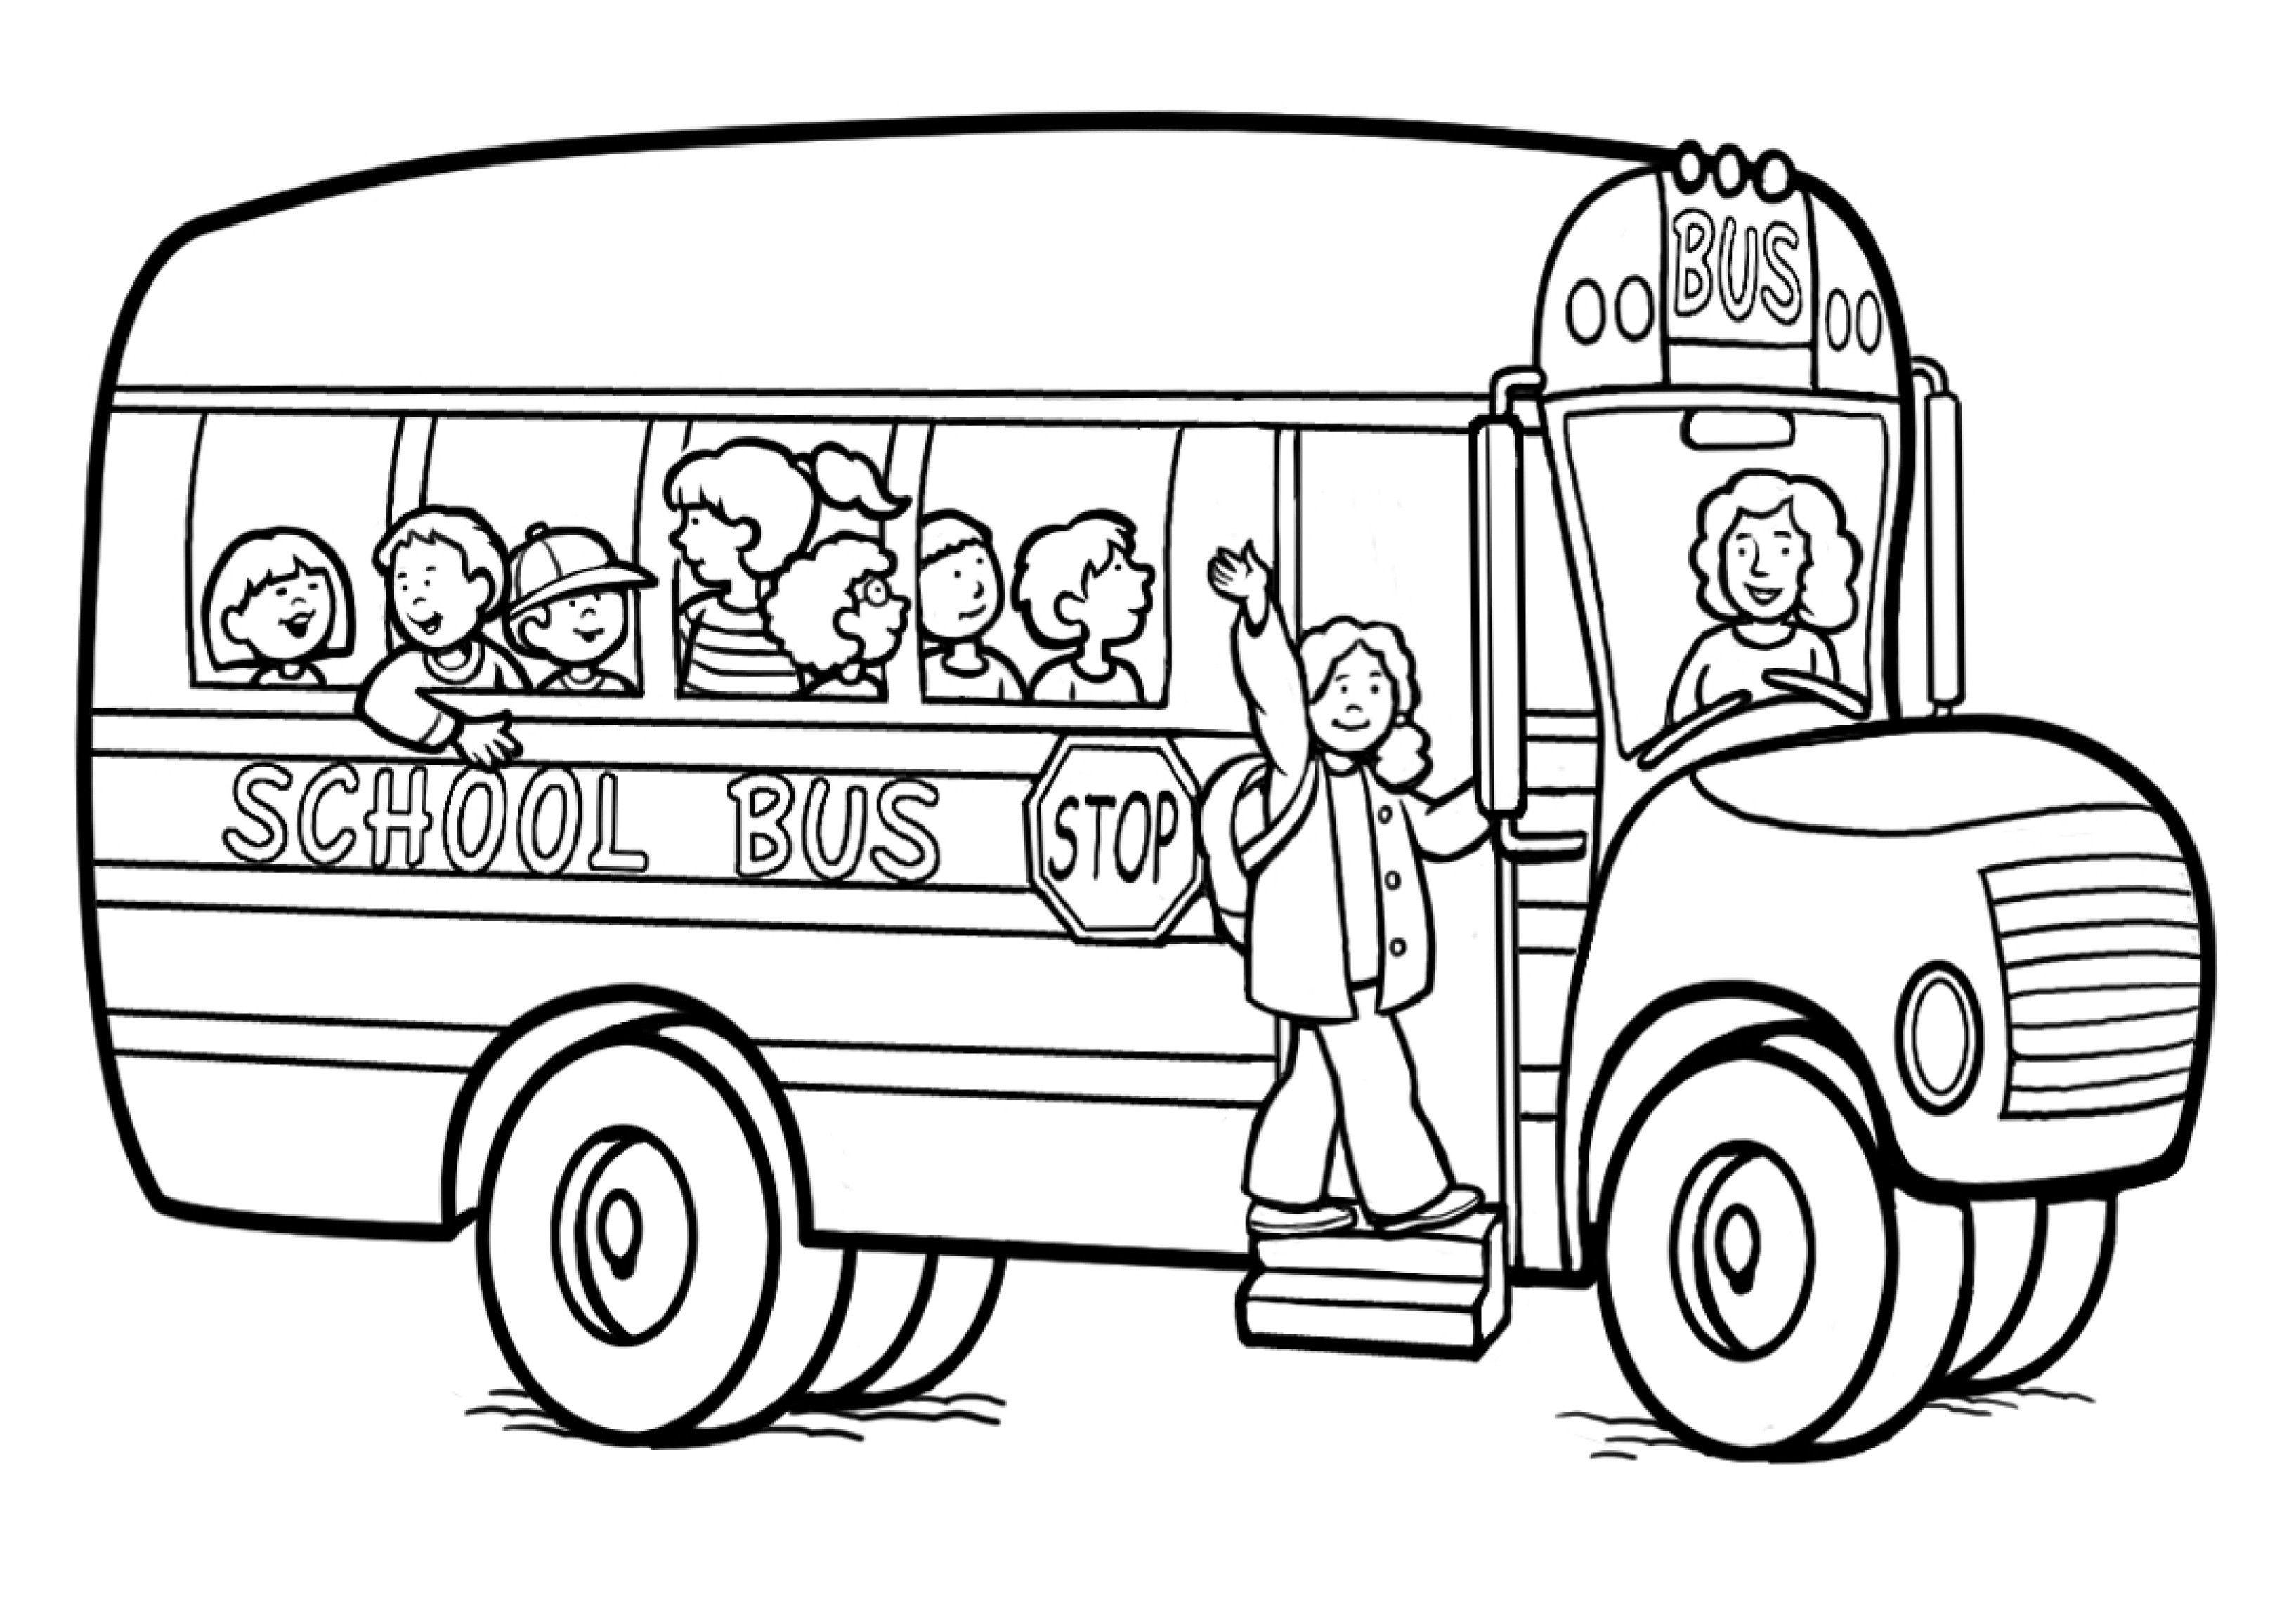 Gambar Bus Sekolah Oleh HappyKidsActivity Pada